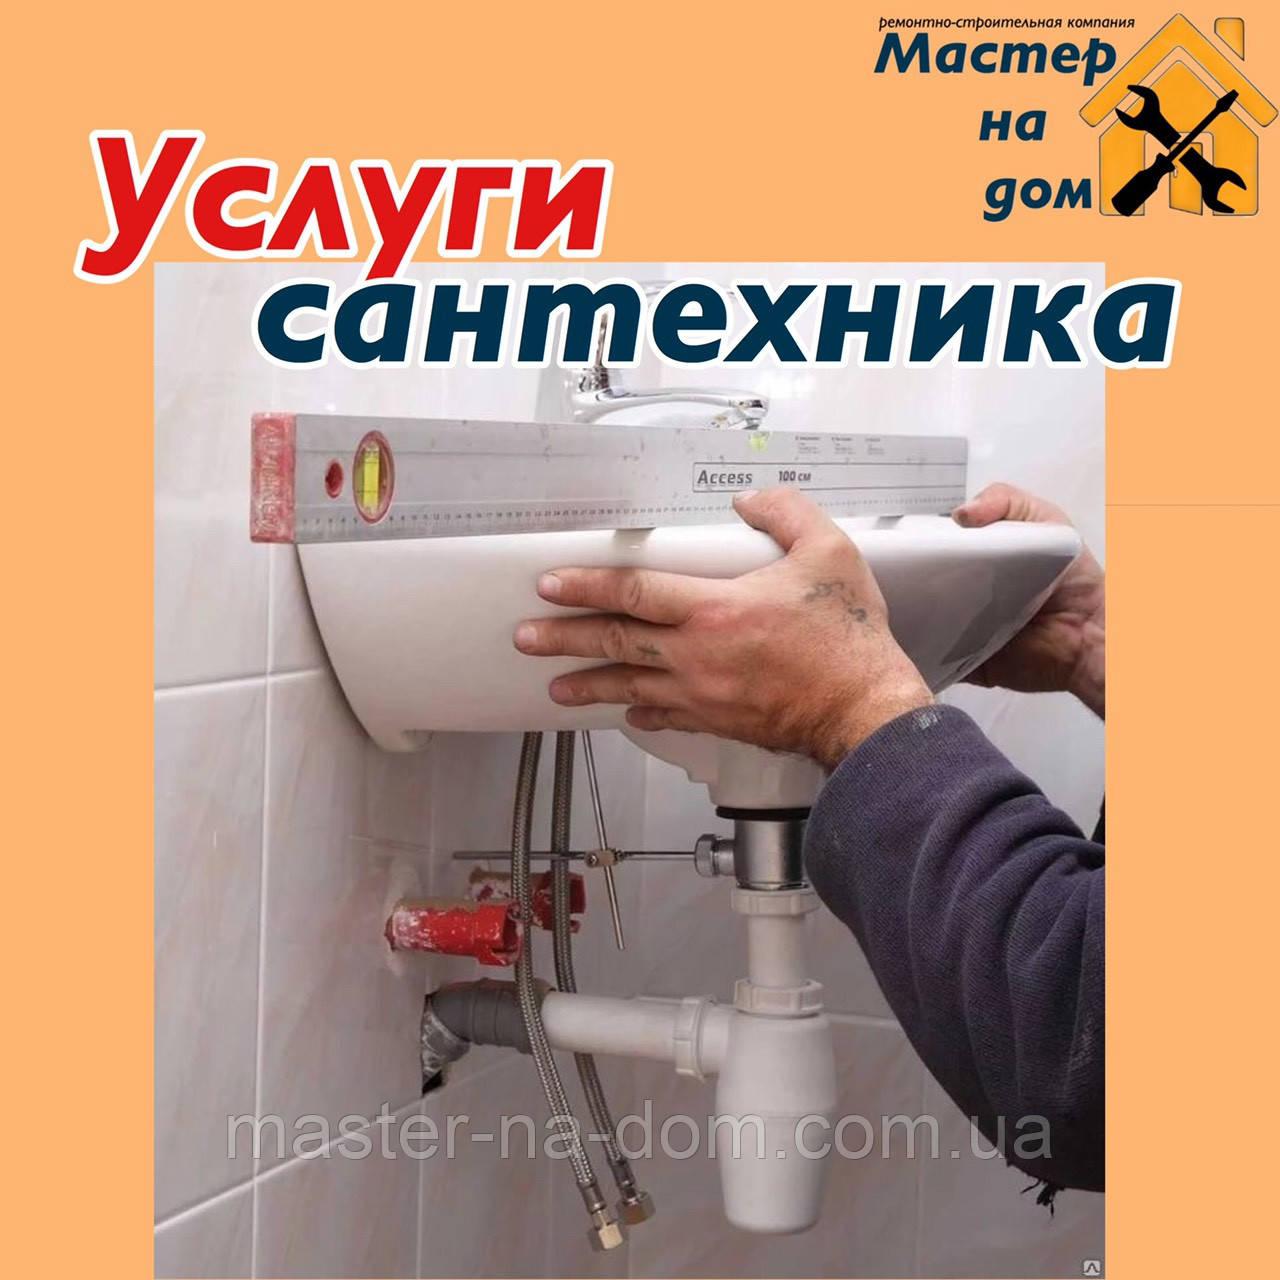 Услуги сантехника в Ивано-Франковске